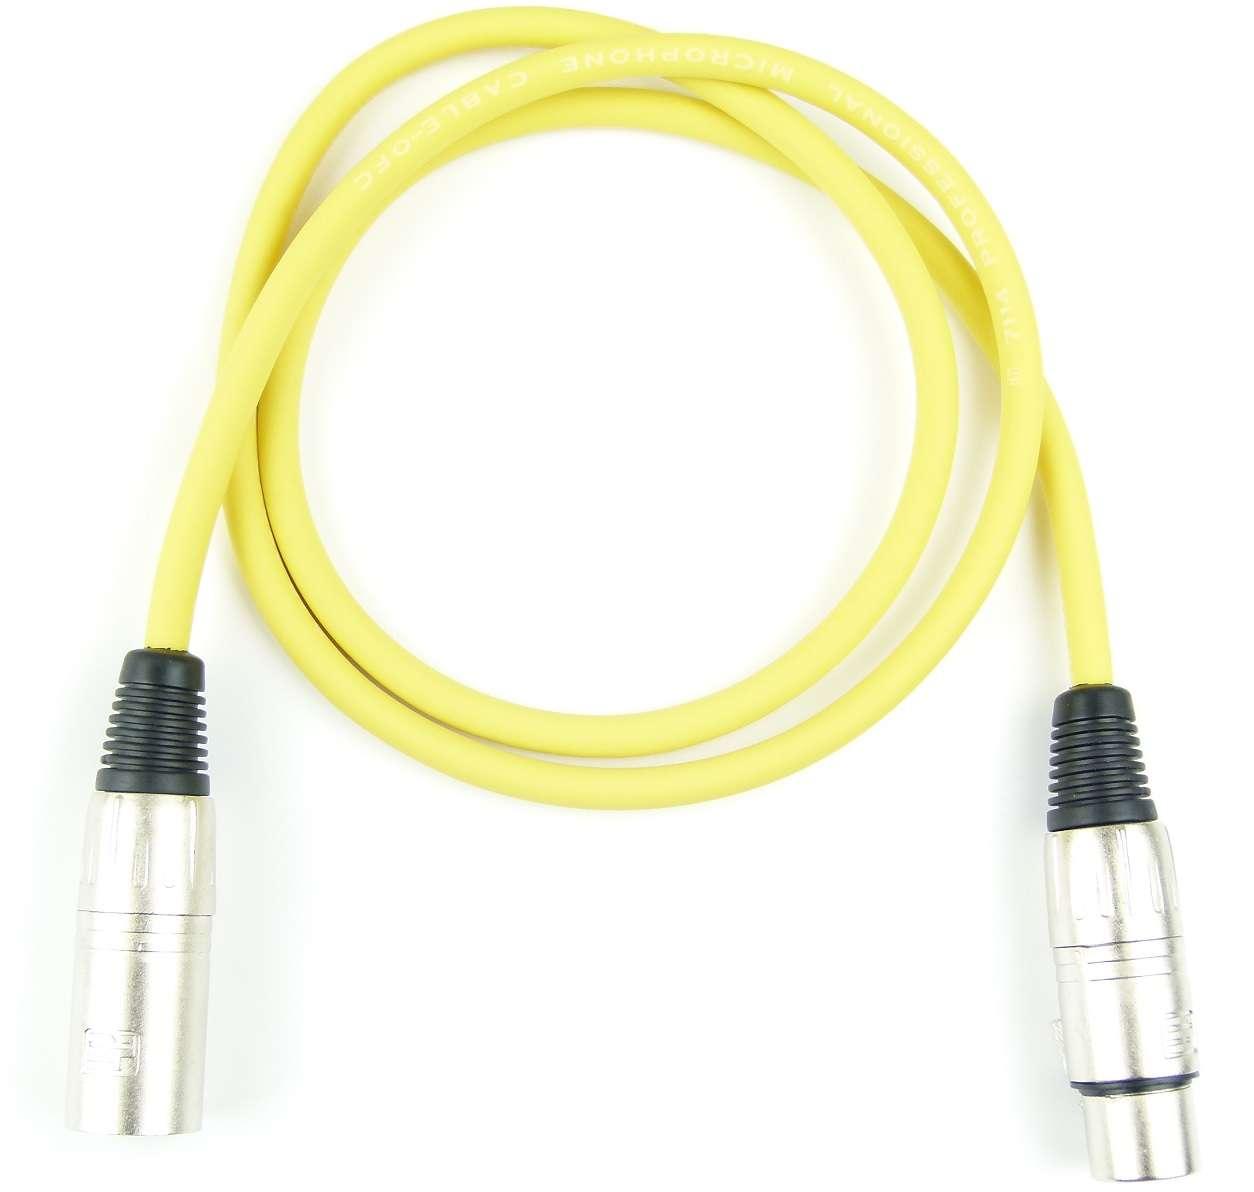 10 Mikrofonkabel 1 m Adam Hall K3 MMF 0100 GELB XLR m//f 3 pol DMX Mikrofon Kabel